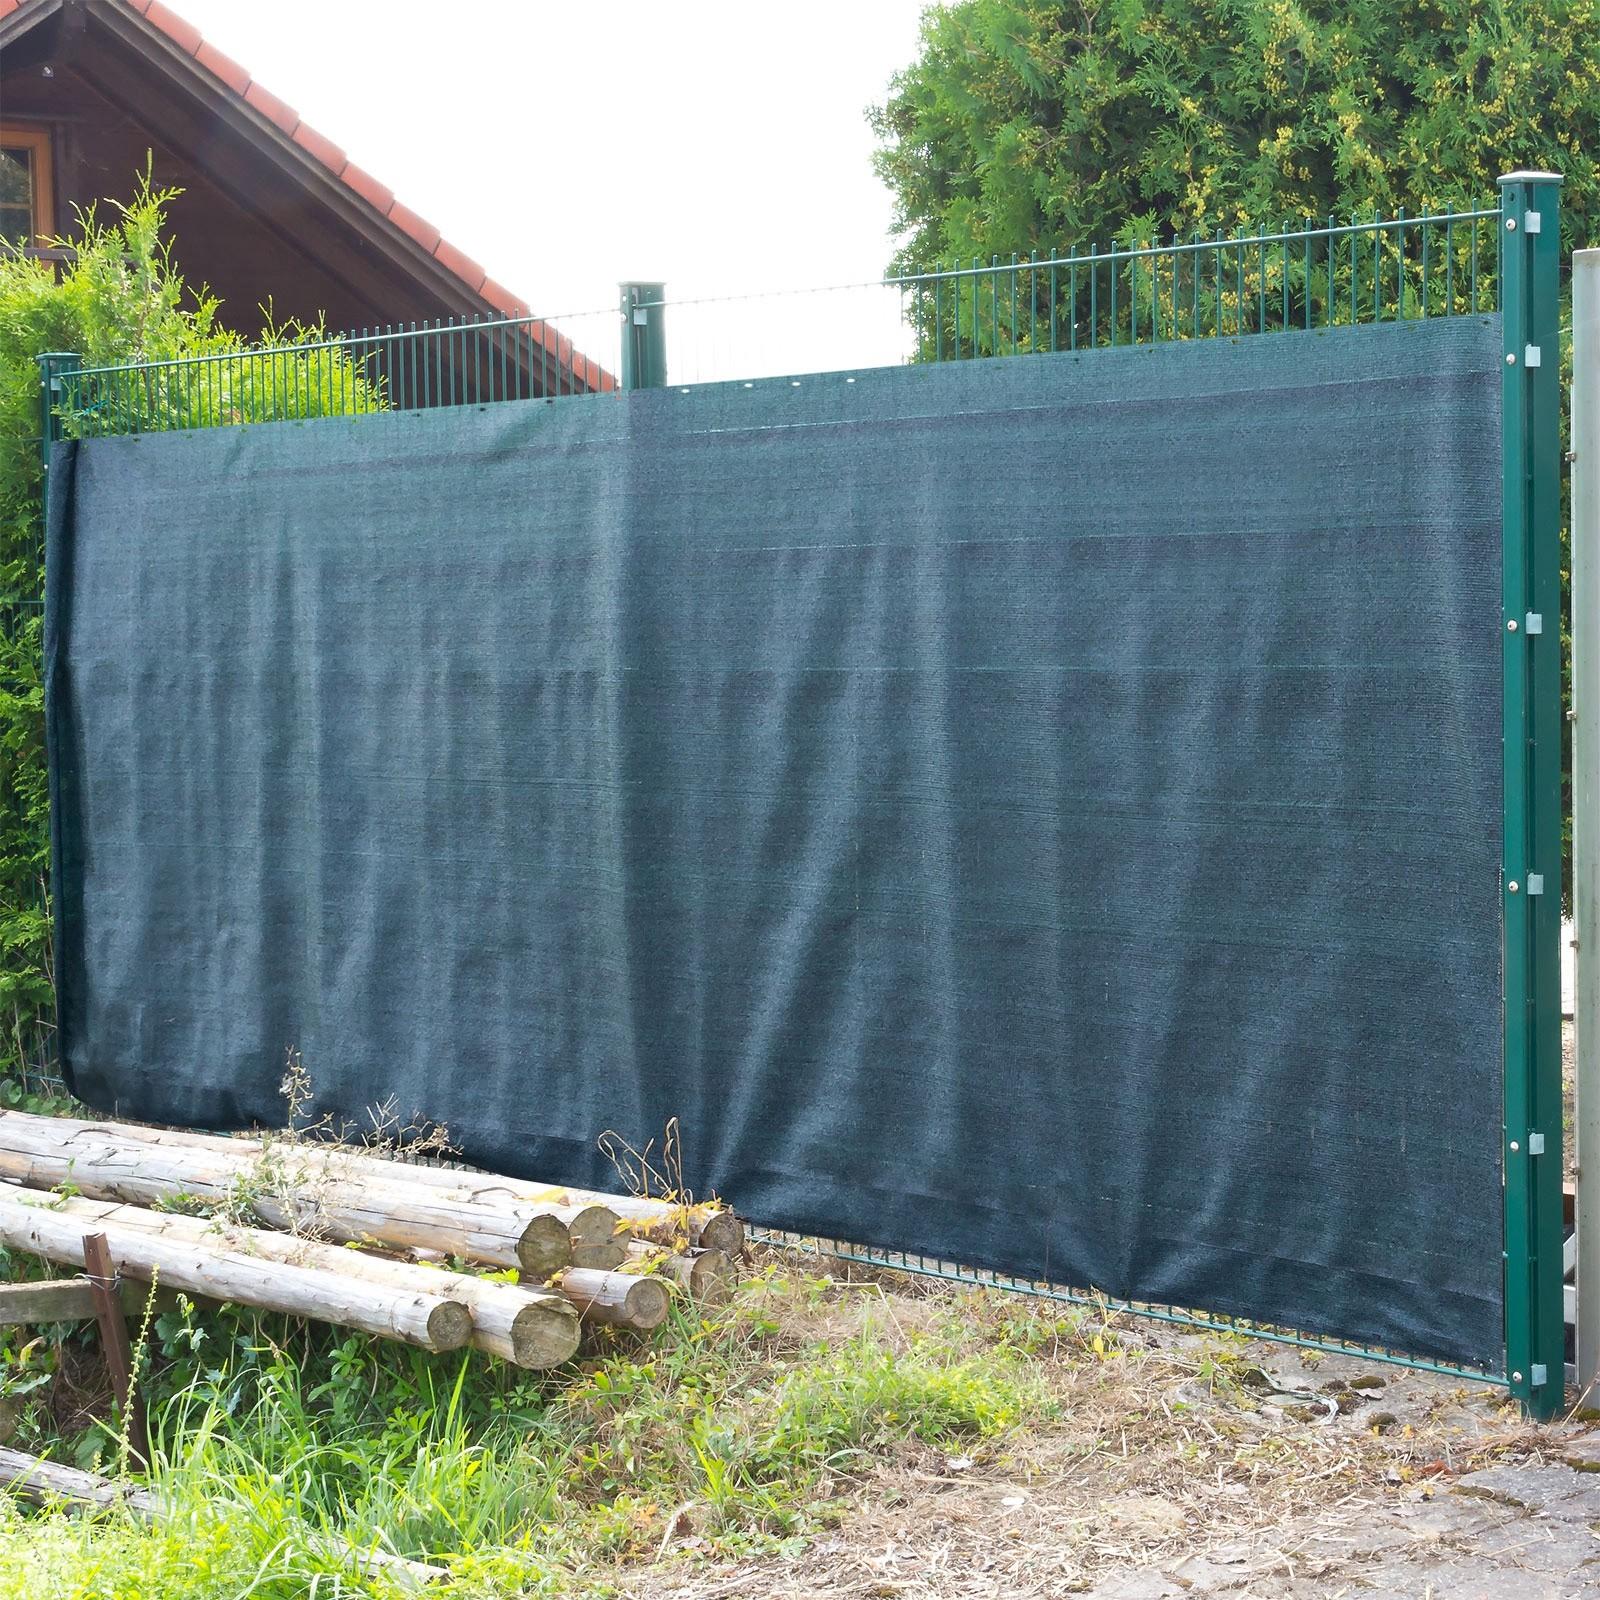 Dema Sichtschutz Zaunblende Tennisblende Windschutz Schattiernetz 25x1,8m 31213